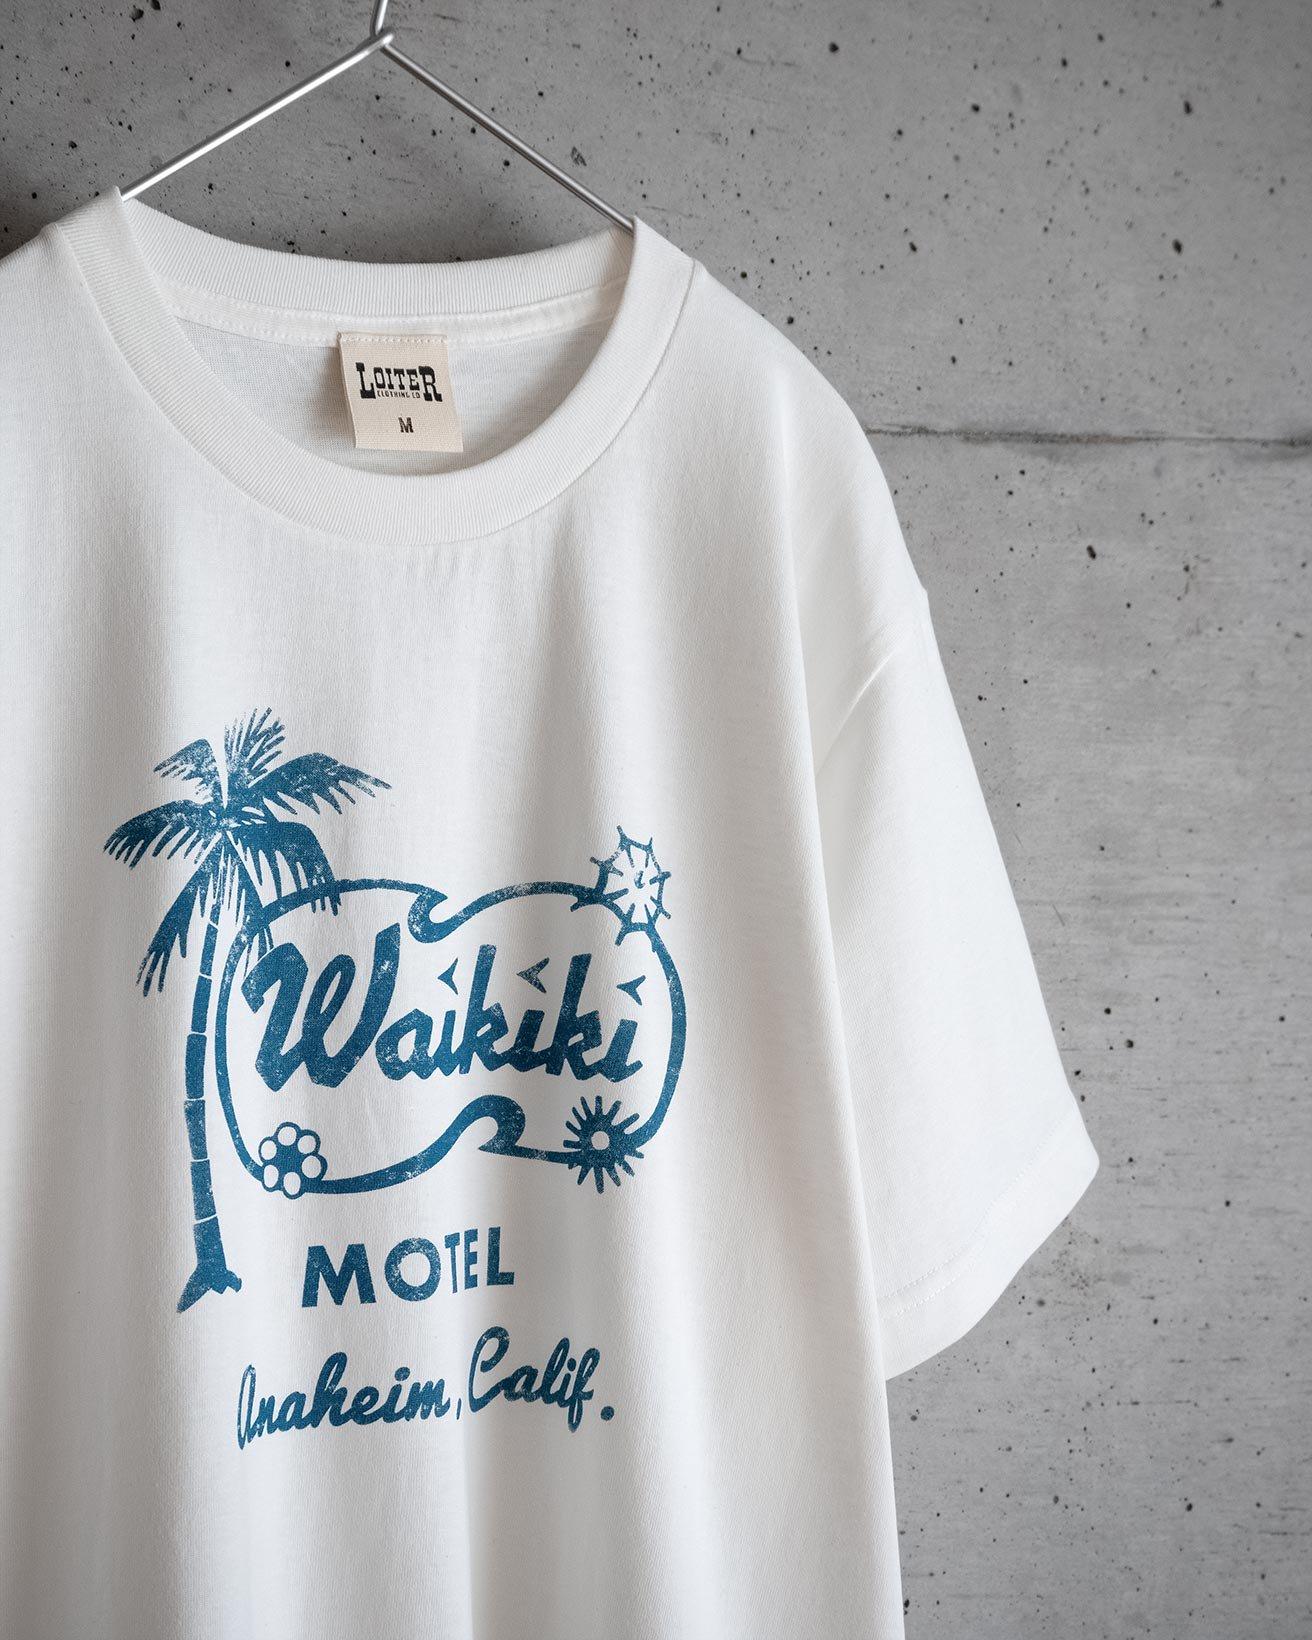 waikiki motel ヴィンテージTシャツ